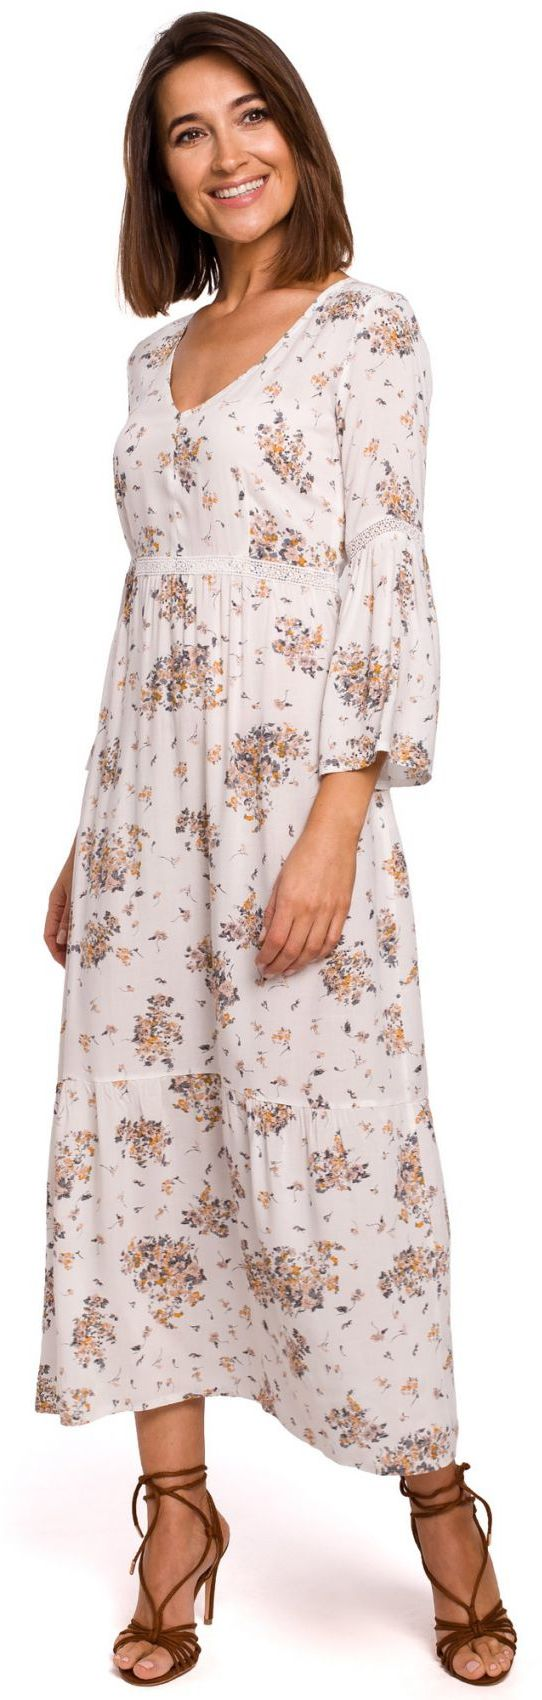 S222 Sukienka maxi w kwiaty z koronkowymi wstawkami - model 3